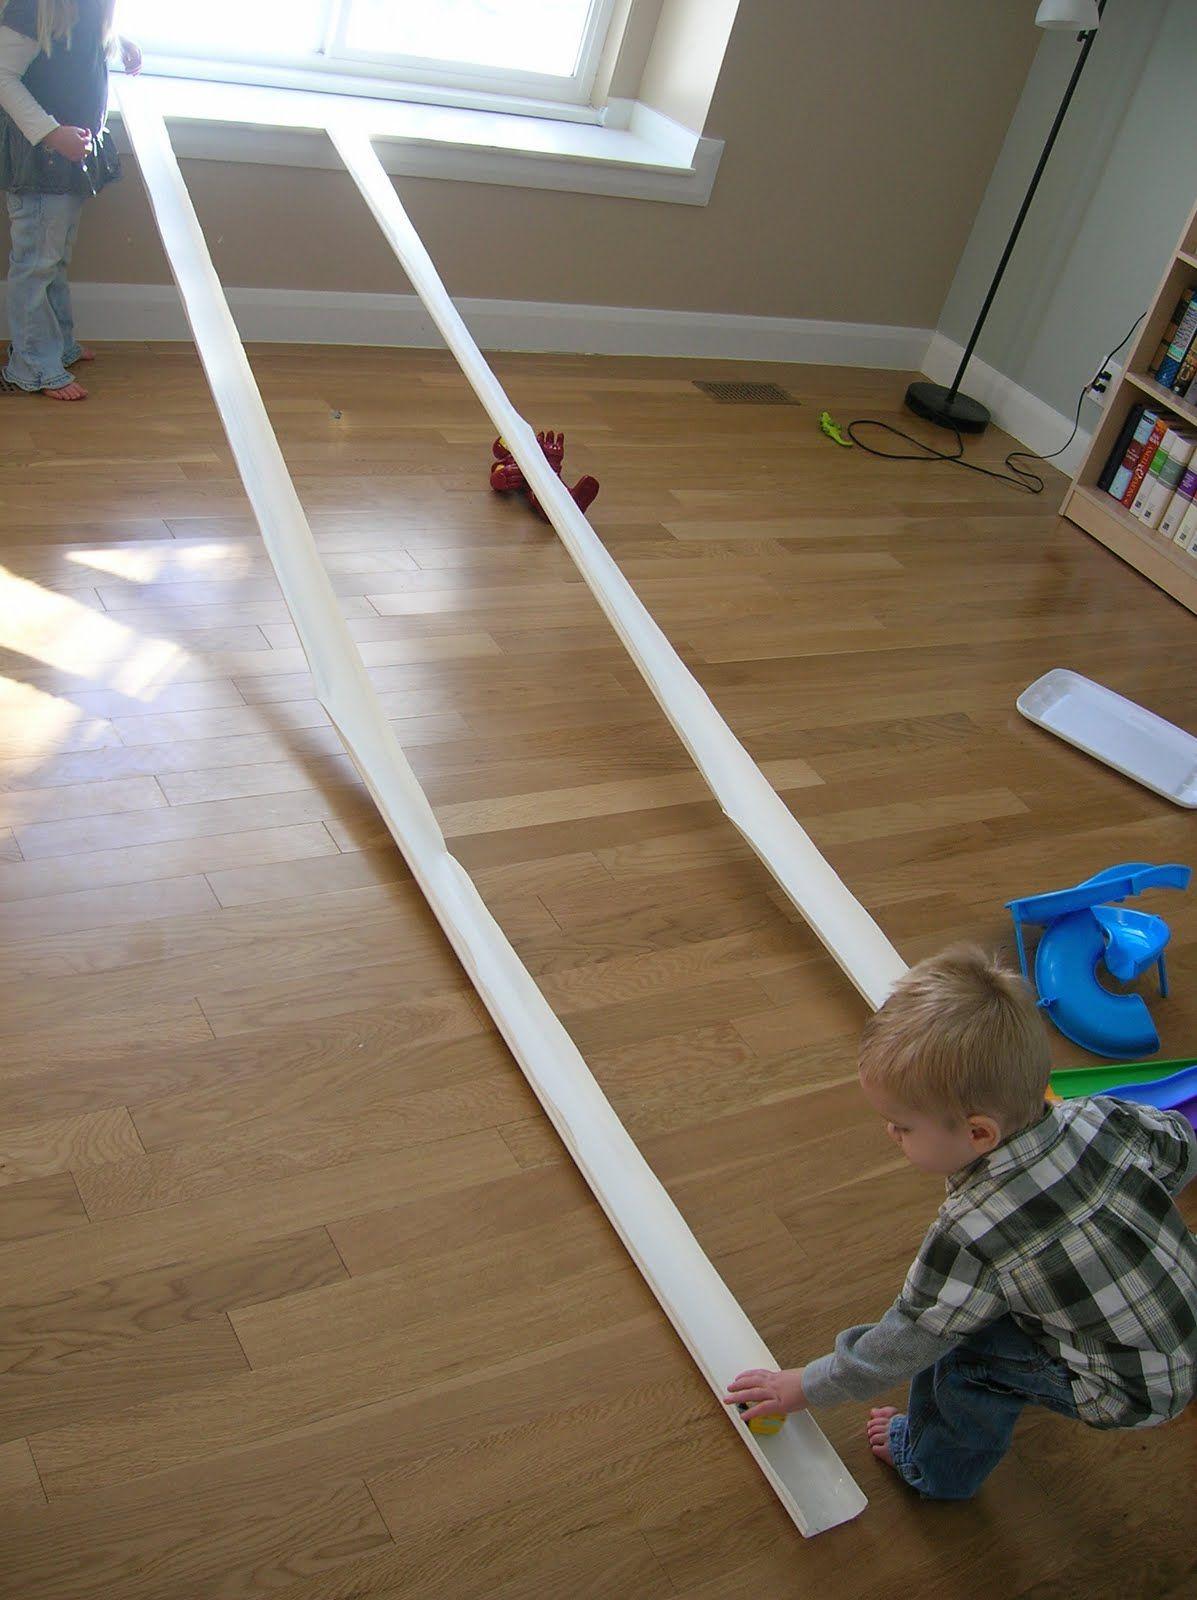 Diy Hot Wheels Track Business For Kids Indoor Activities